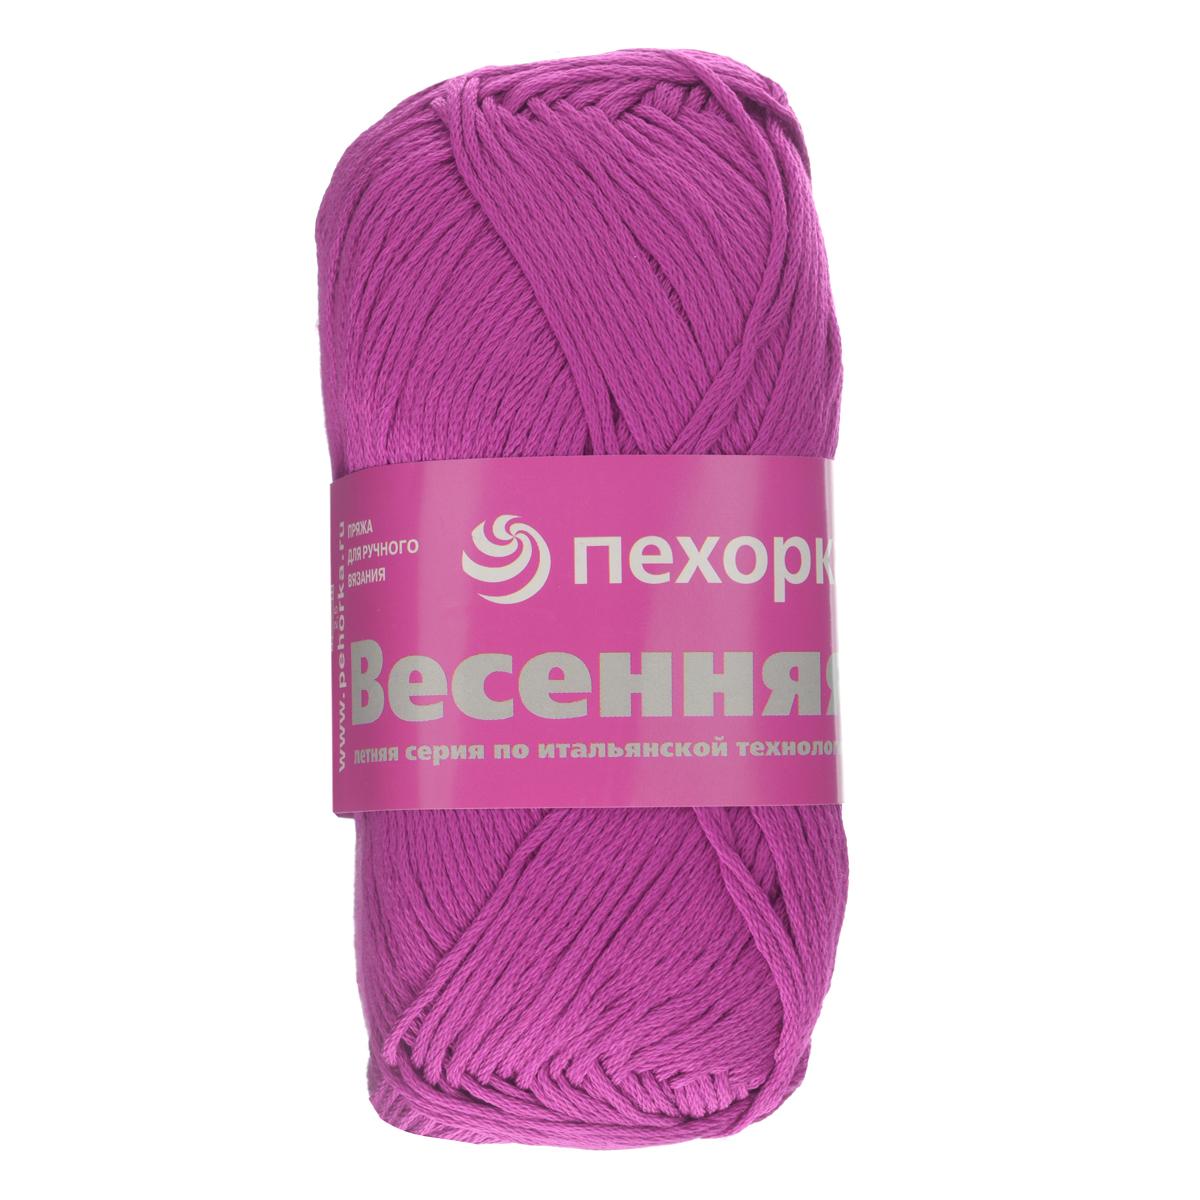 Пряжа для вязания Пехорка Весенняя, цвет: темно-лиловый (87), 250 м, 100 г, 5 шт блестящее лето цвет 87 т лиловый пехорка пехорка